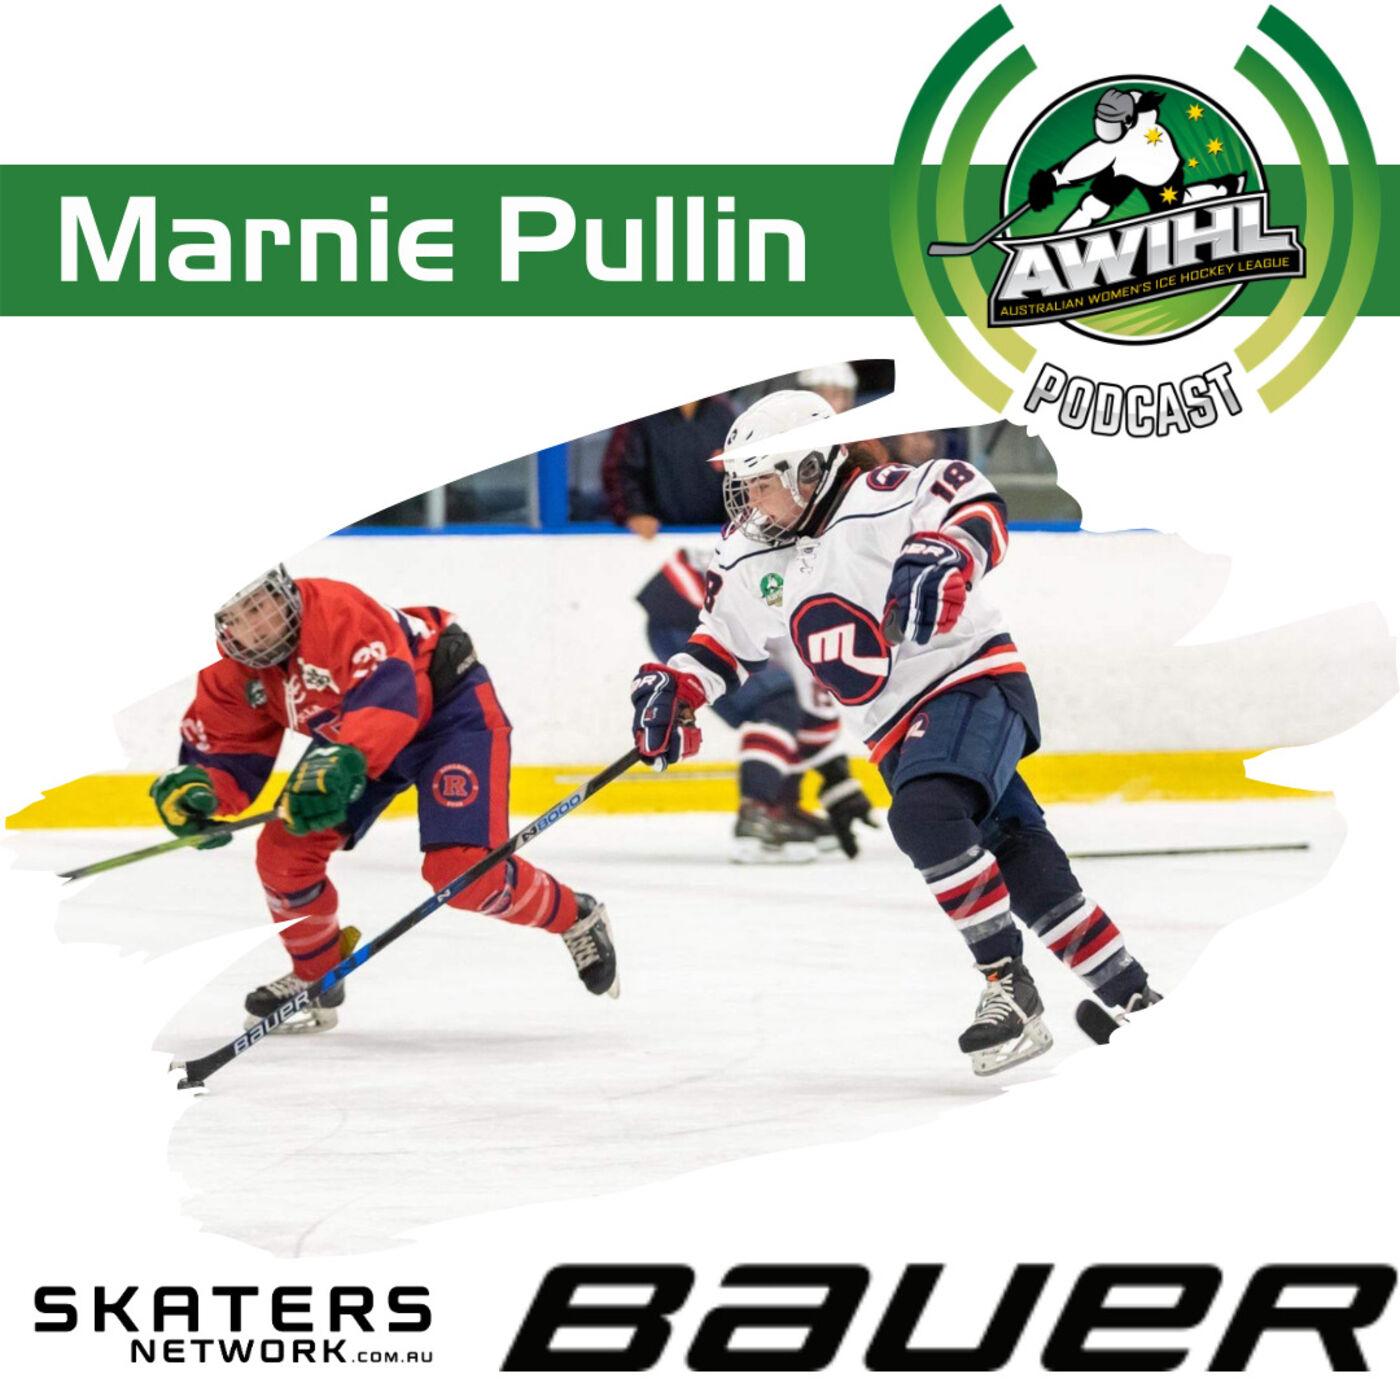 Episode Three - Marnie Pullin